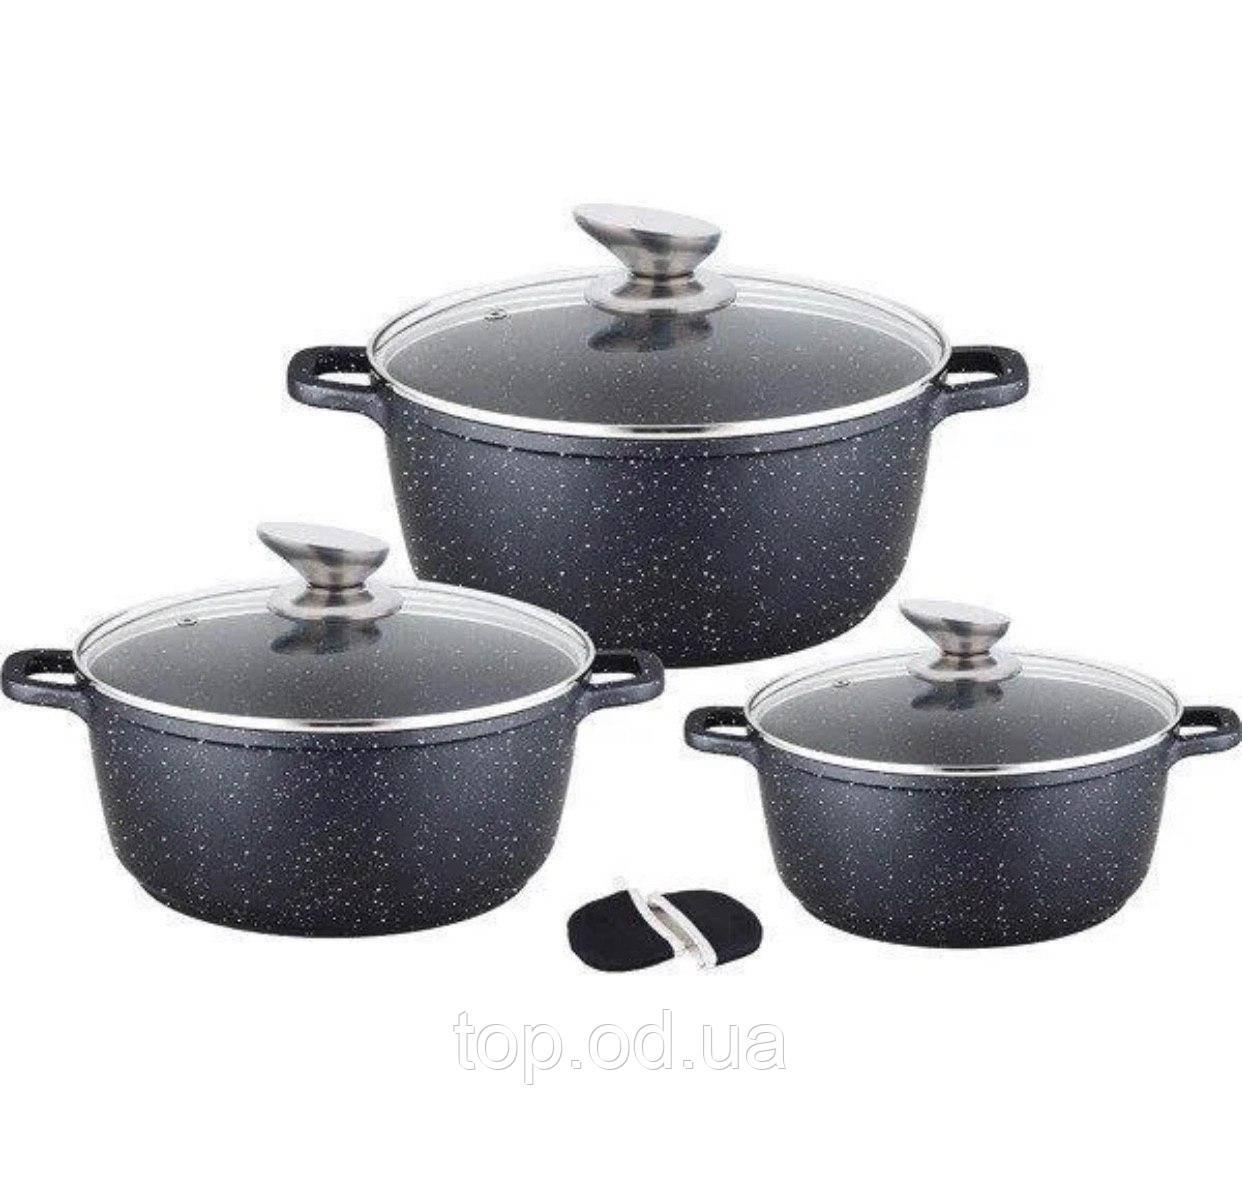 Набор посуды для пищи Kamille из литого алюминия  7 предметов для индукции